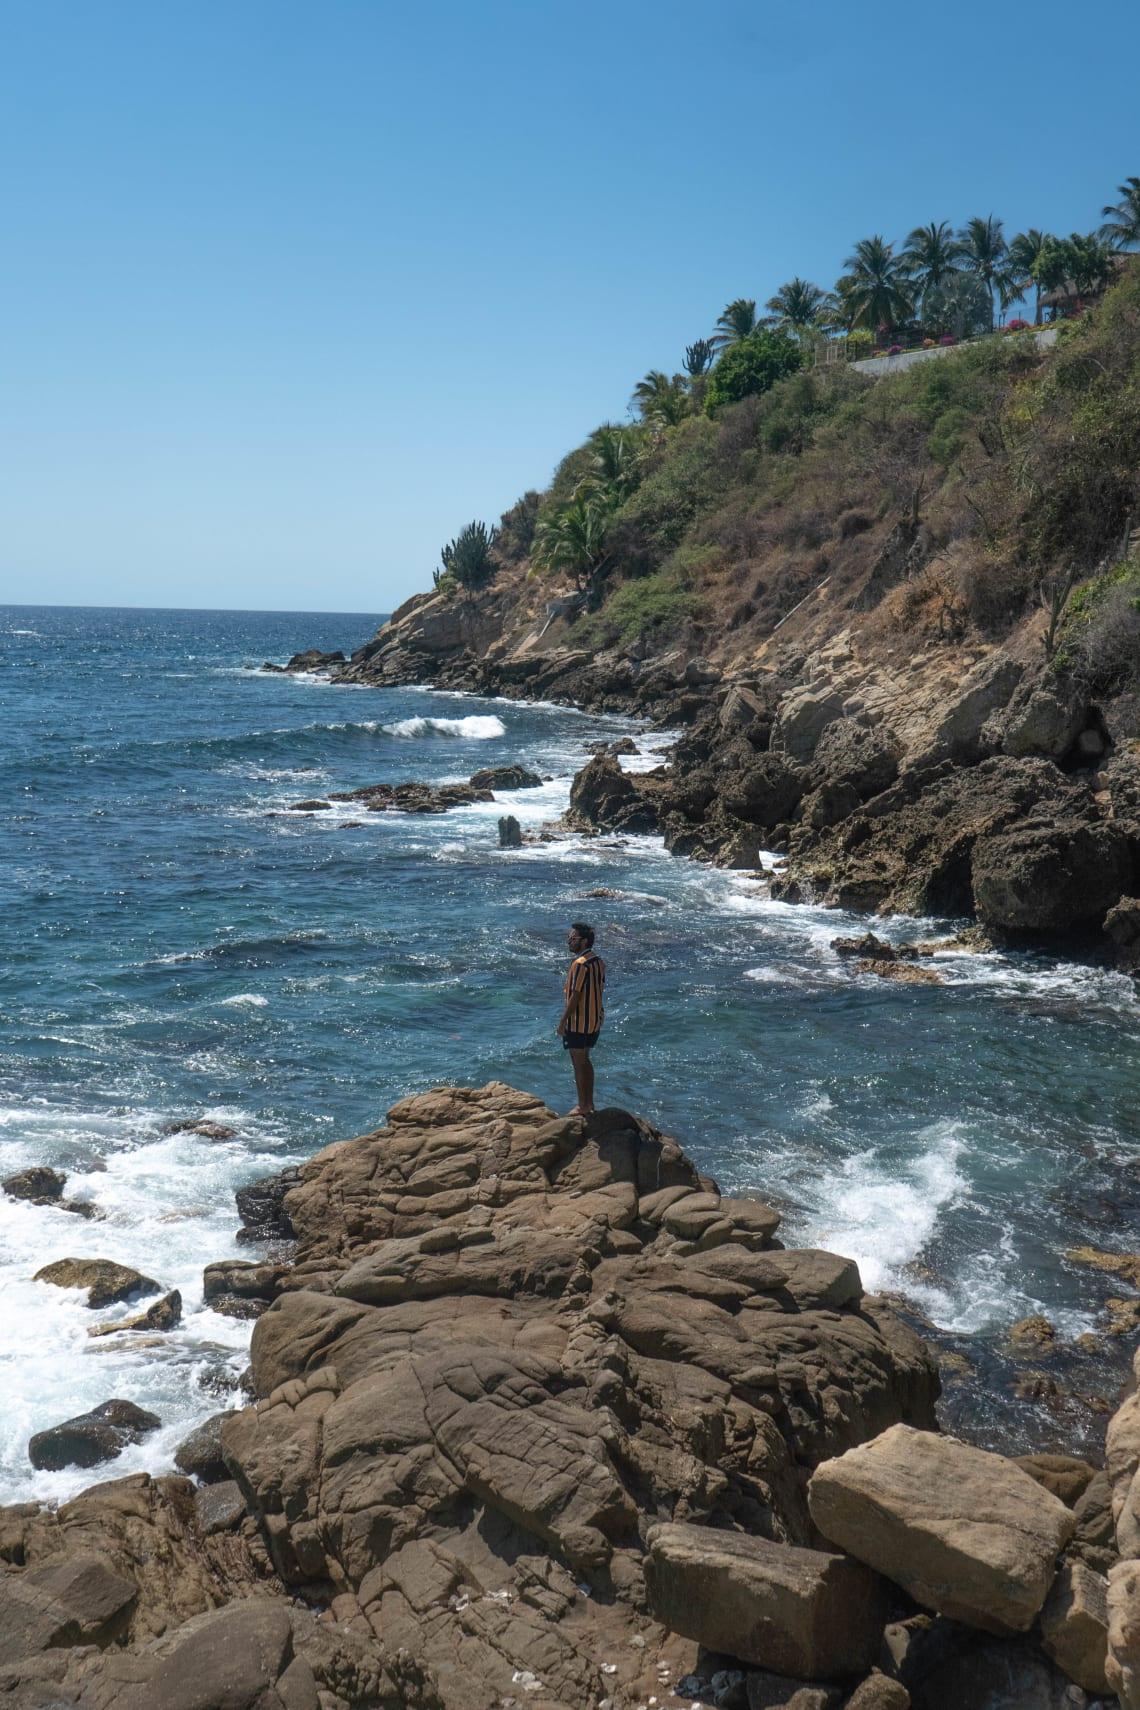 Lugares baratos para visitar Puerto Escondido, México - Worldpackers - hombre en playa de puerto escondido mexico